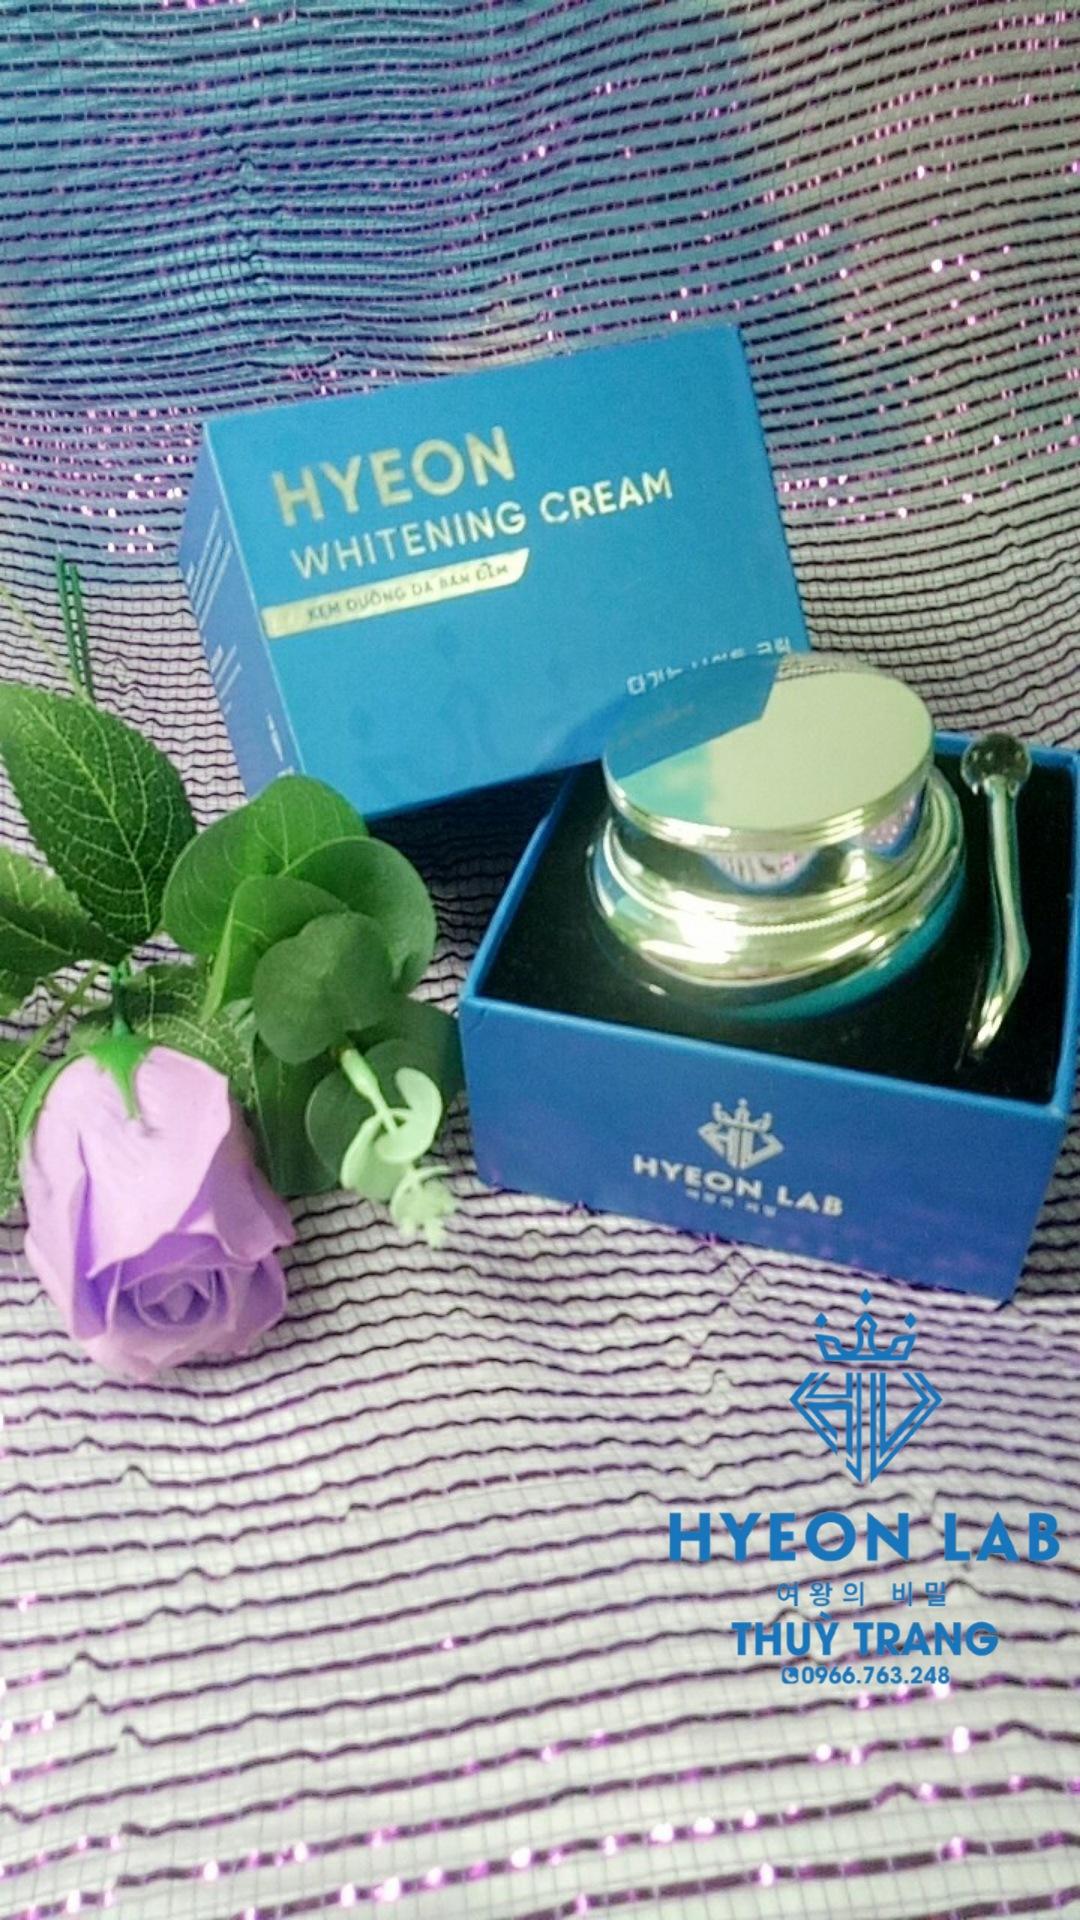 Kem dưỡng trắng da ban đêm Hyeon lab (Hyeon whitening 5 in 1)